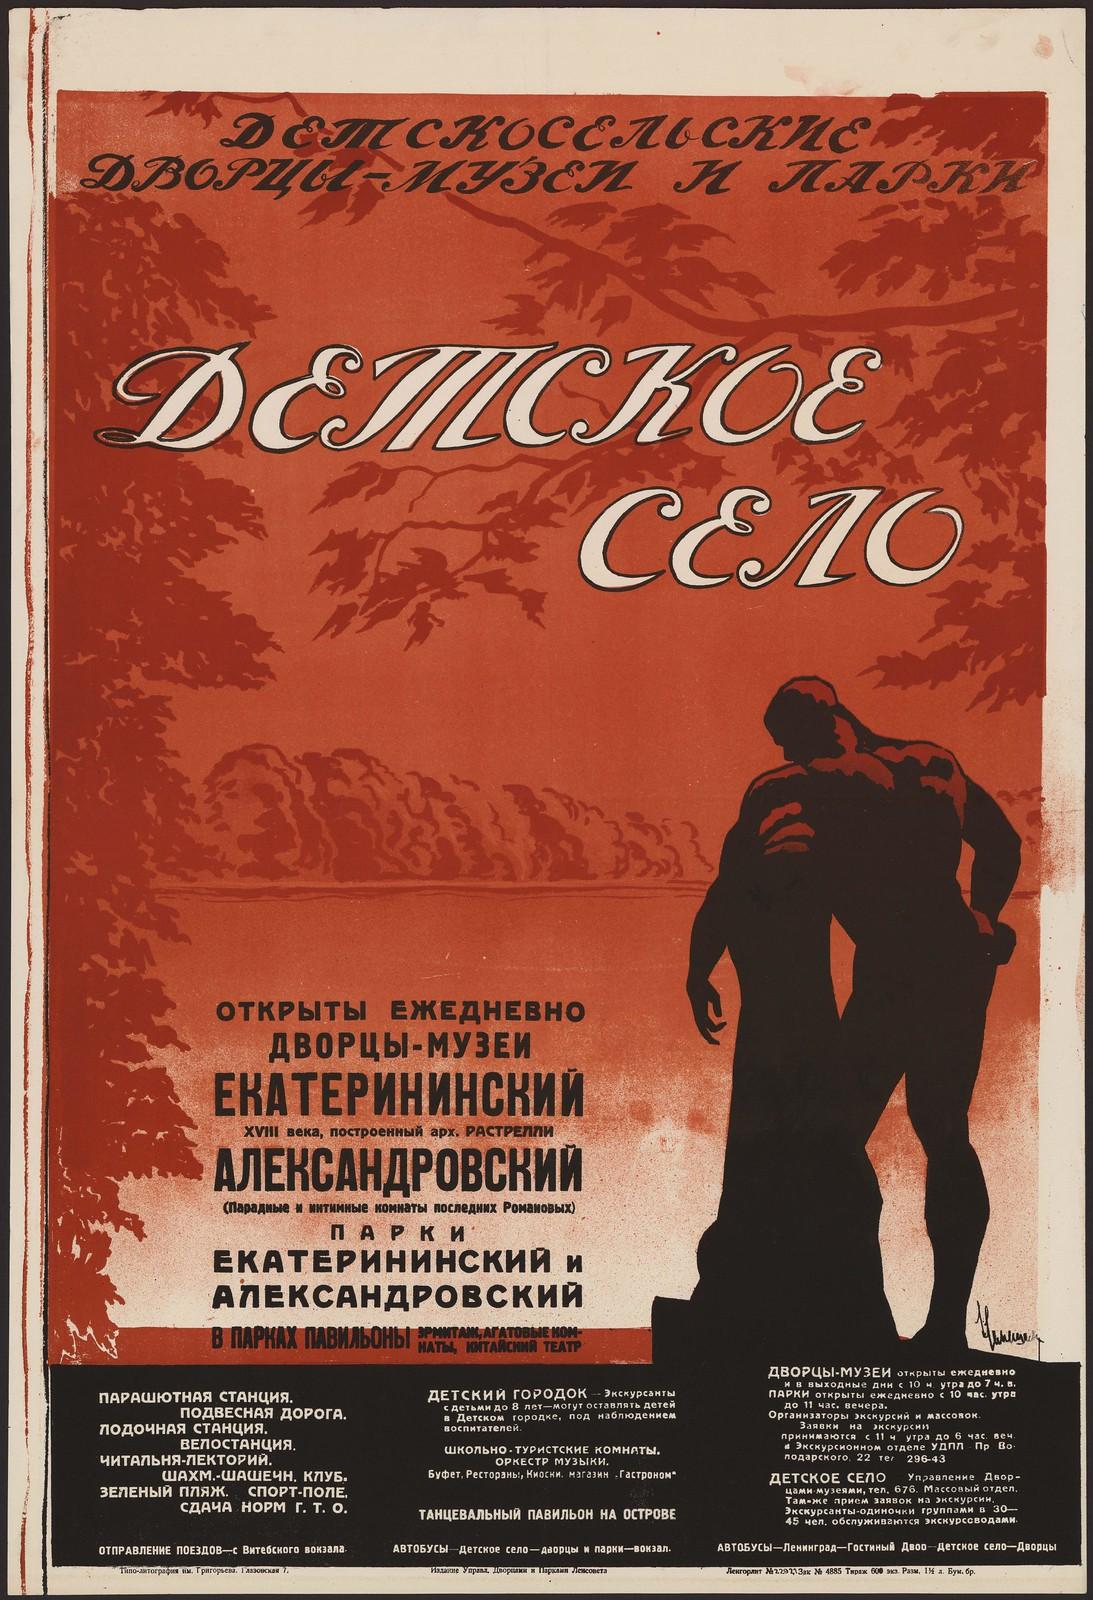 1935. Детское село. Детскосельские дворцы-музеи и парки